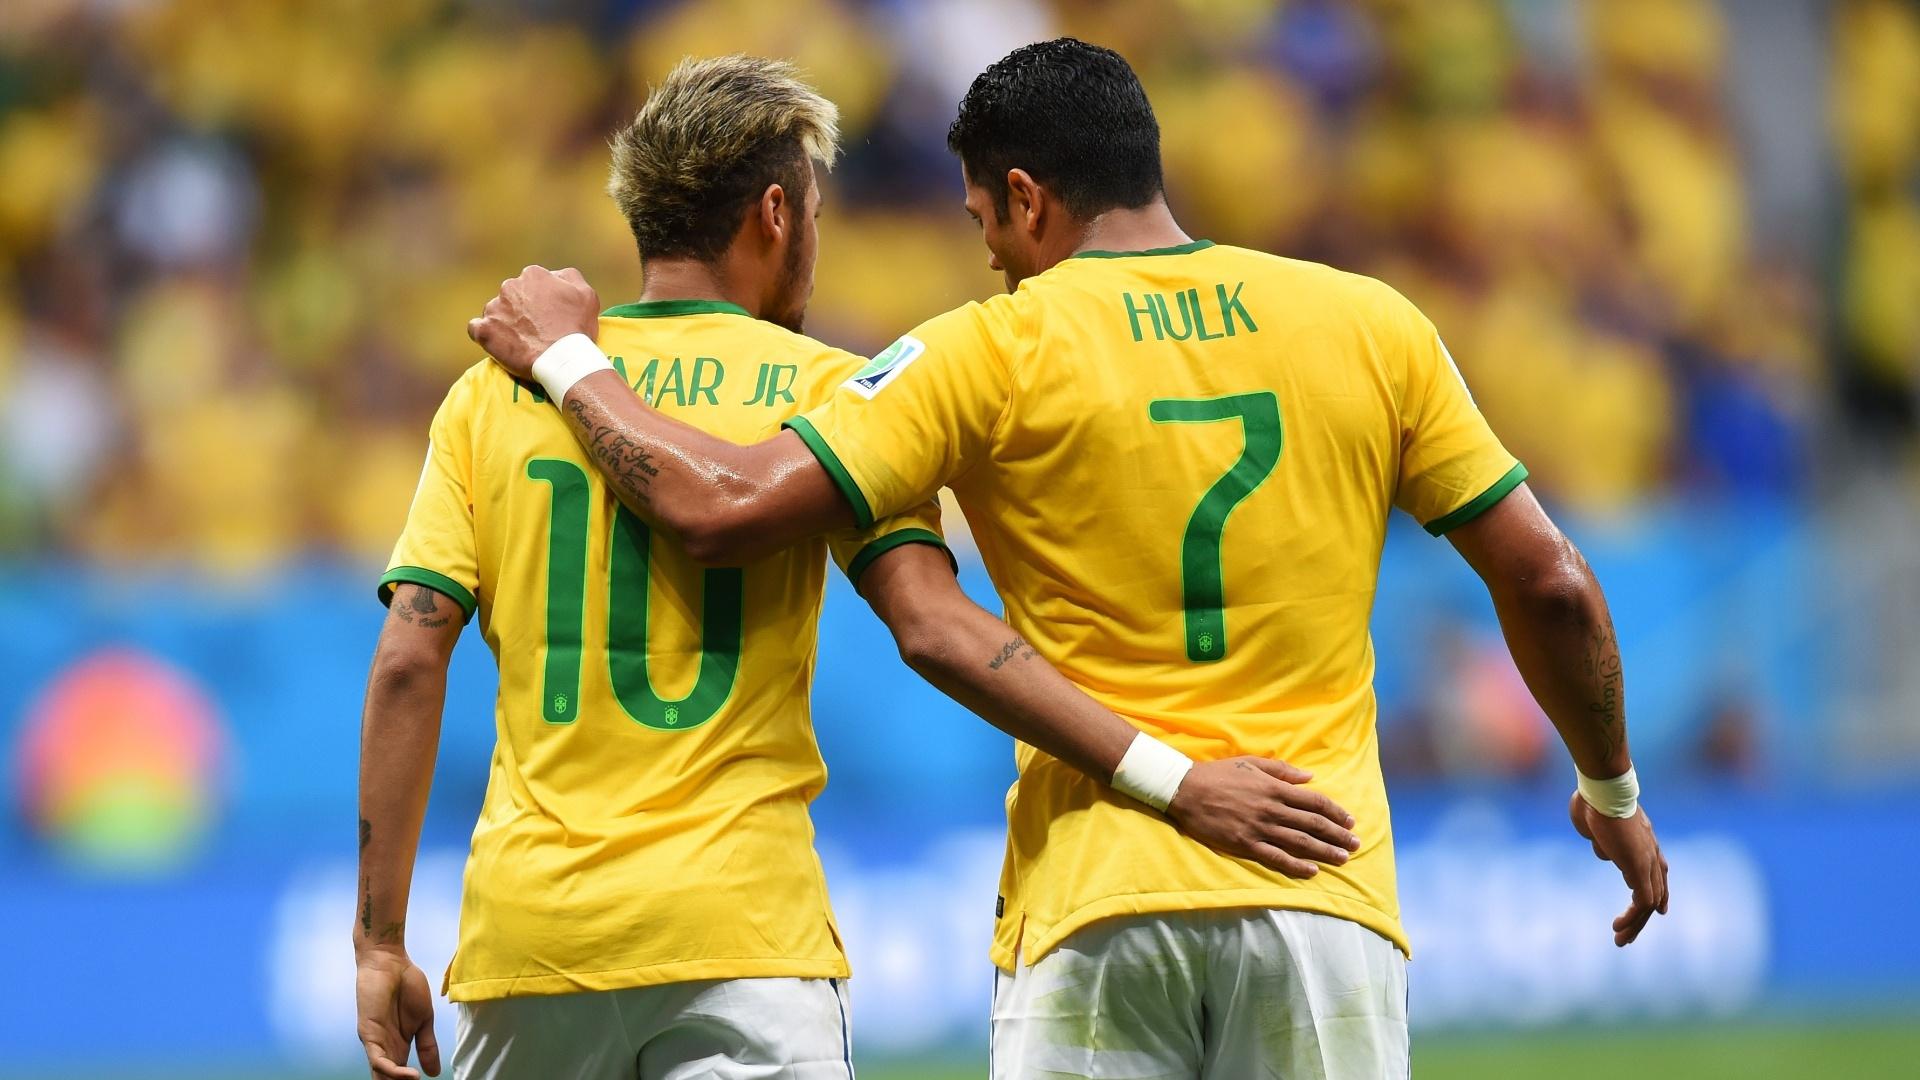 23.jun.2014 - Neymar comemora com Hulk na vitória do Brasil sobre Camarões por 4 a 1